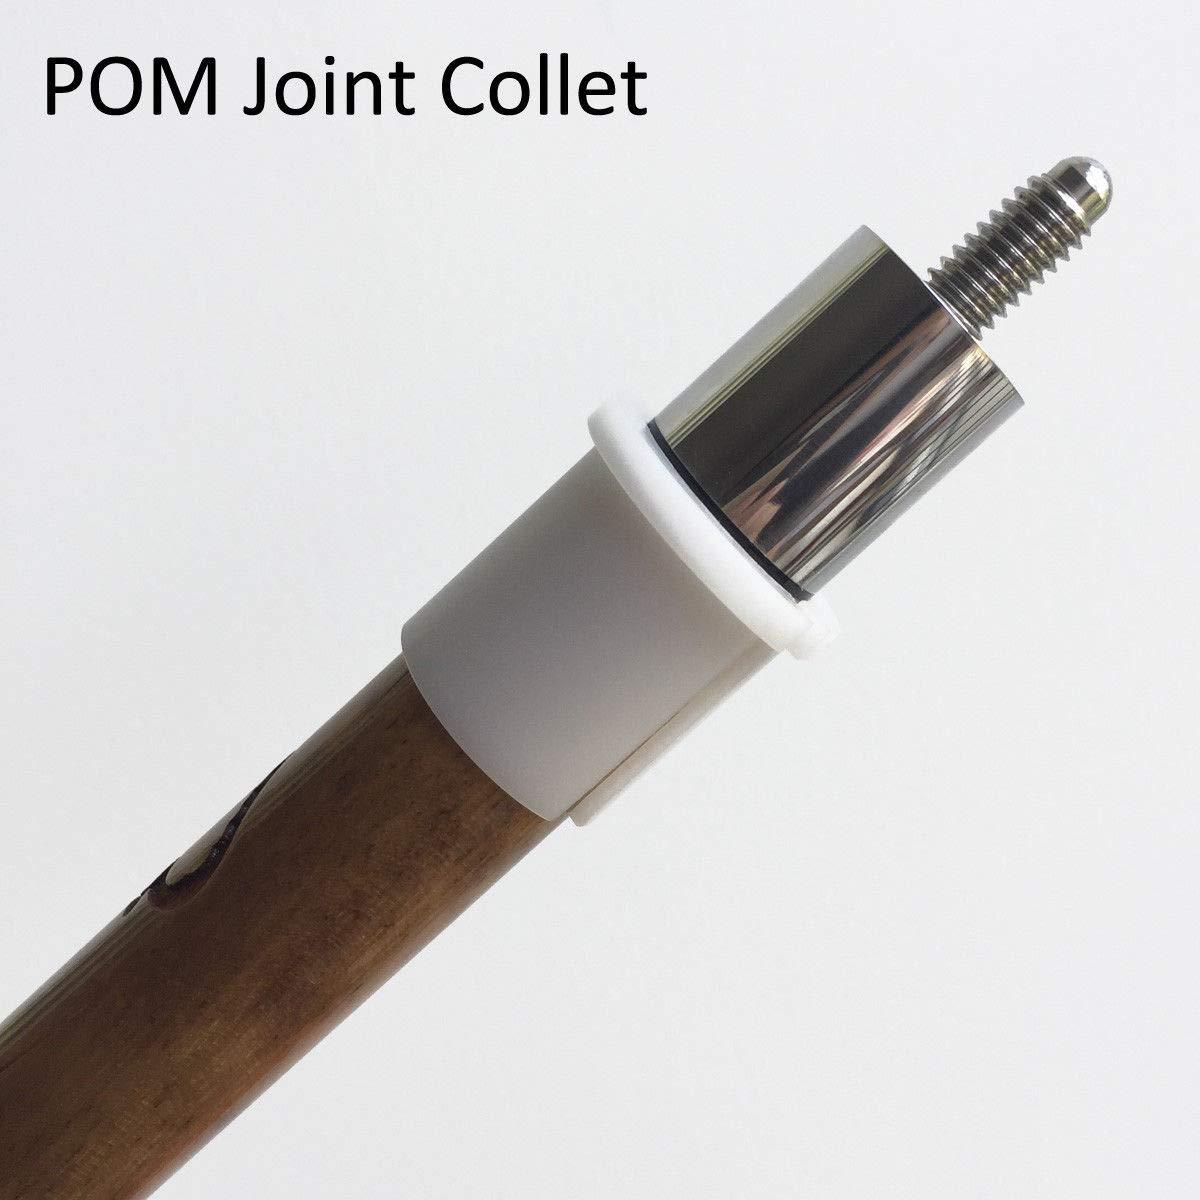 プールキュー ホワイト POM ジョイントコレットスリーブ キュービルディングツール 旋盤アクセサリー B07J6J8RRF